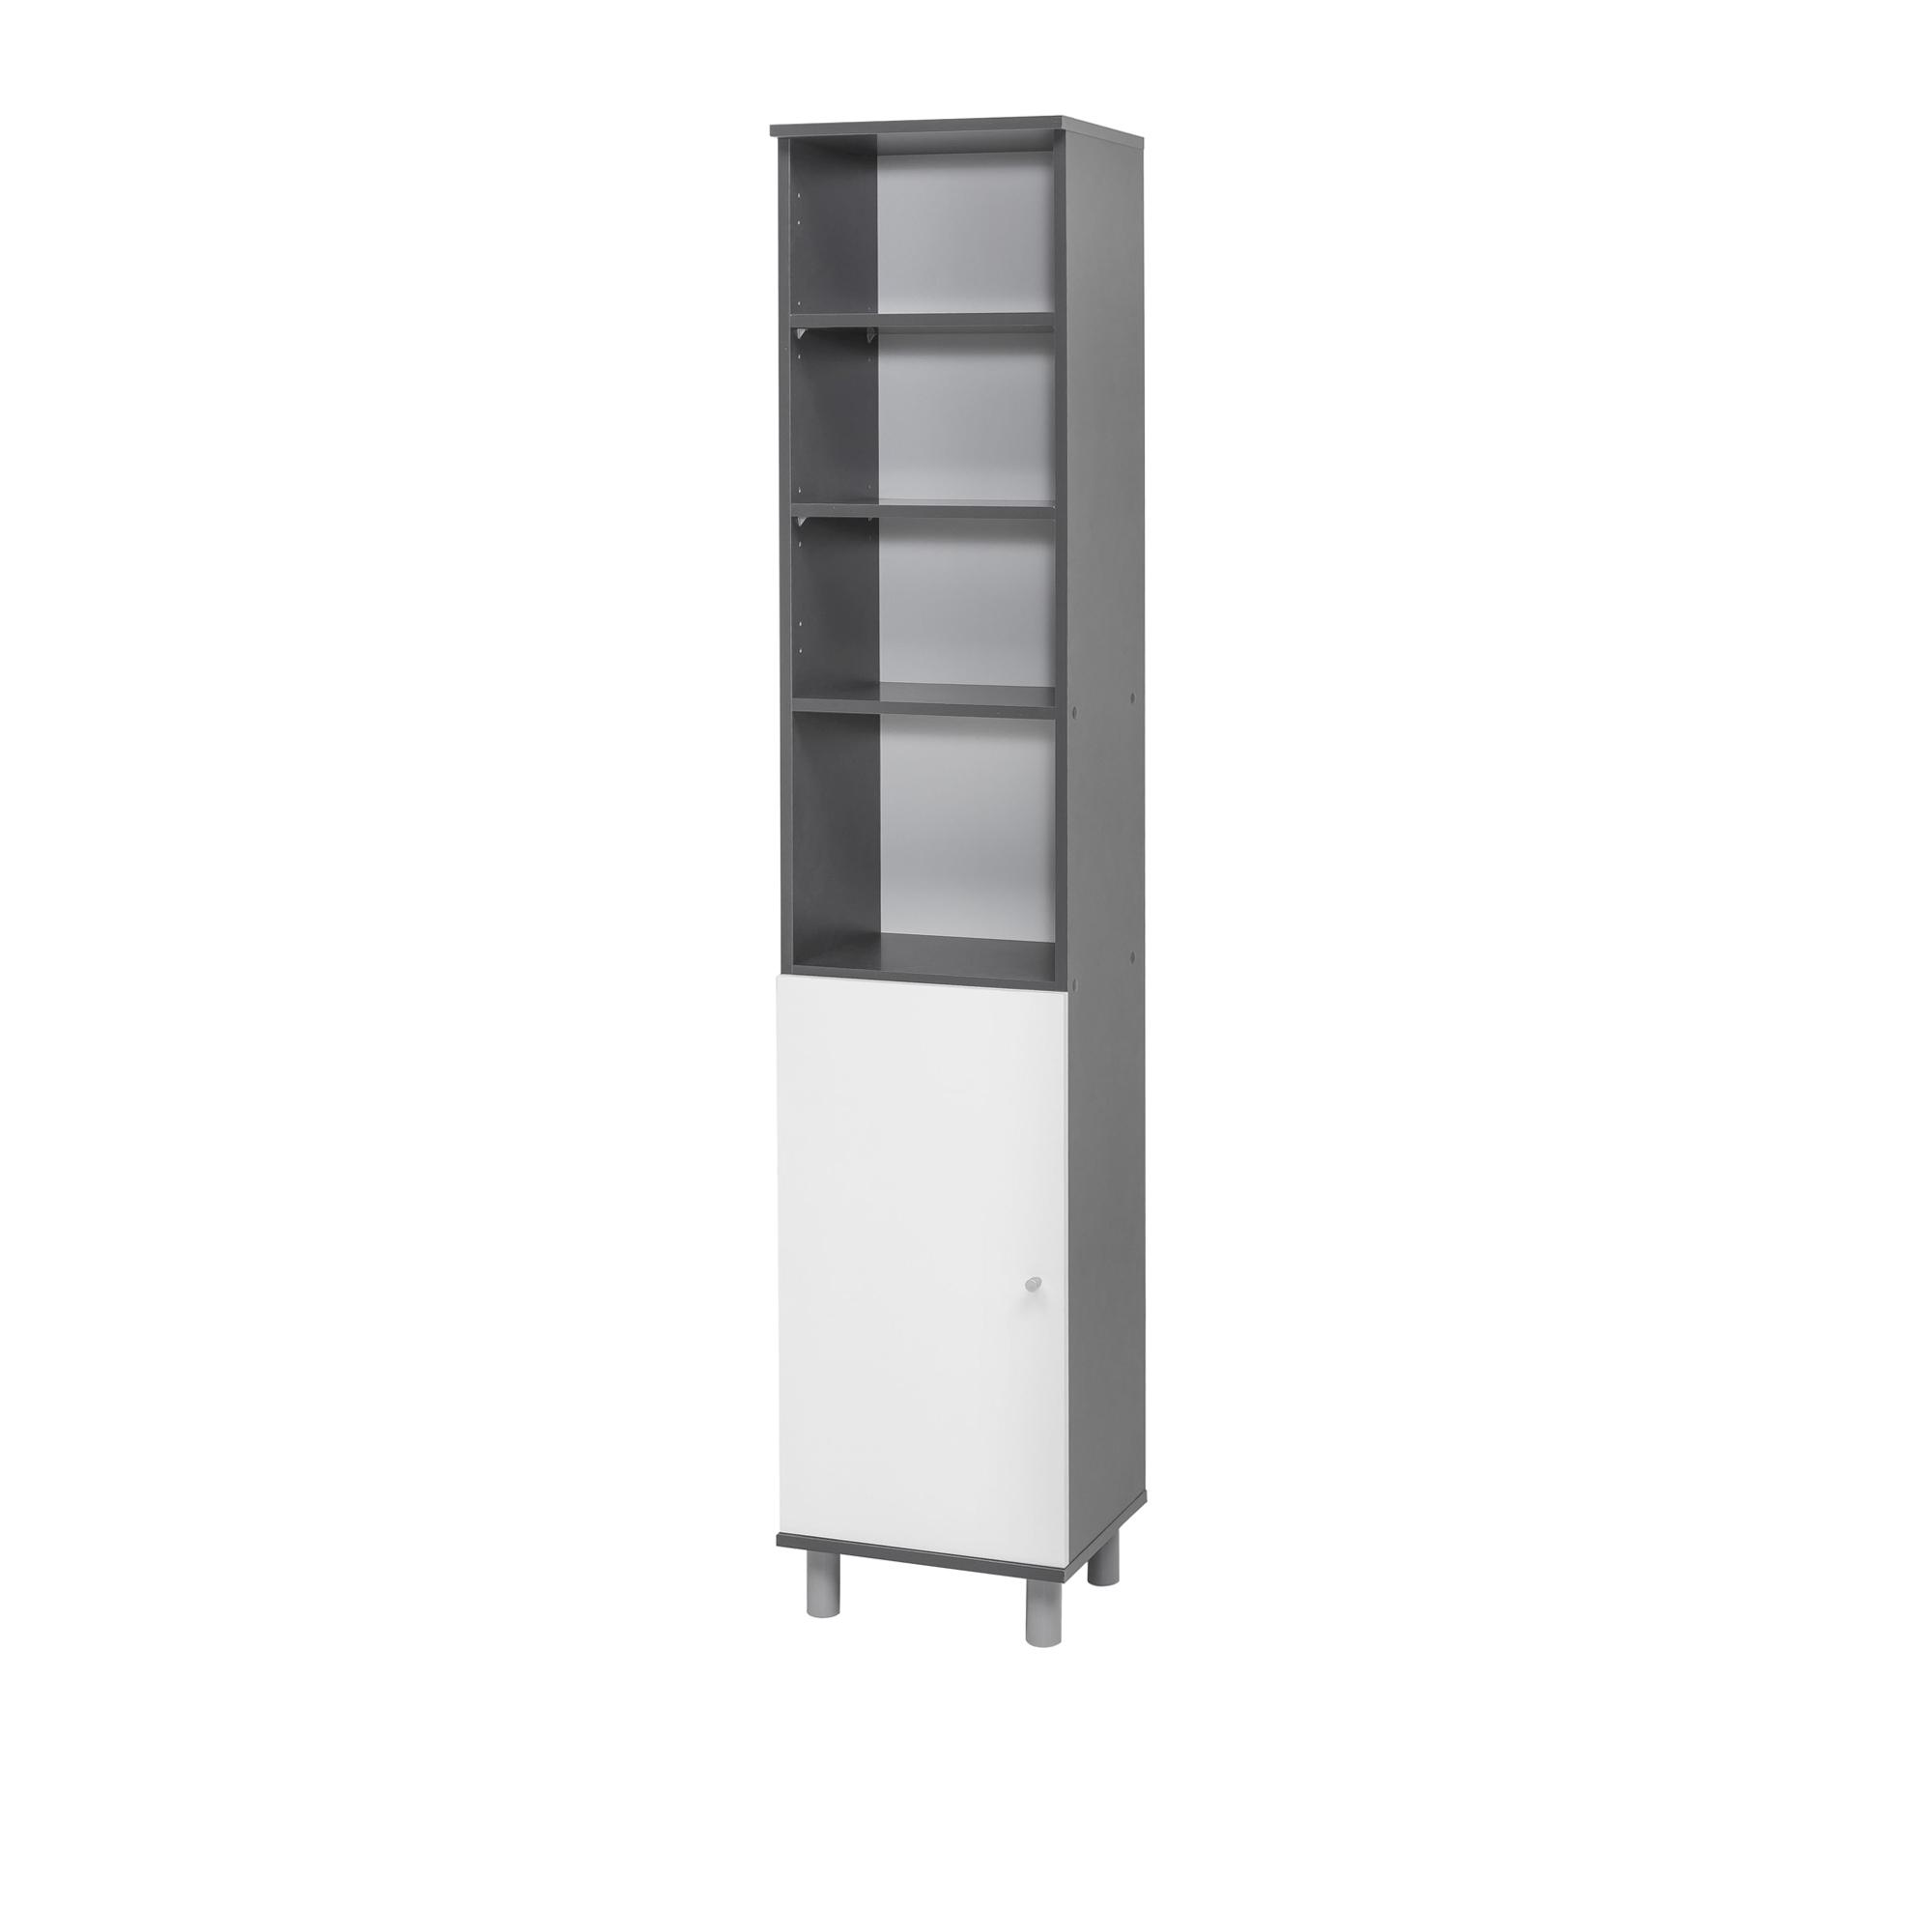 bad hochschrank lindau 1 t rig 4 f cher 35 cm breit wei graphit grau bad bad hochschr nke. Black Bedroom Furniture Sets. Home Design Ideas